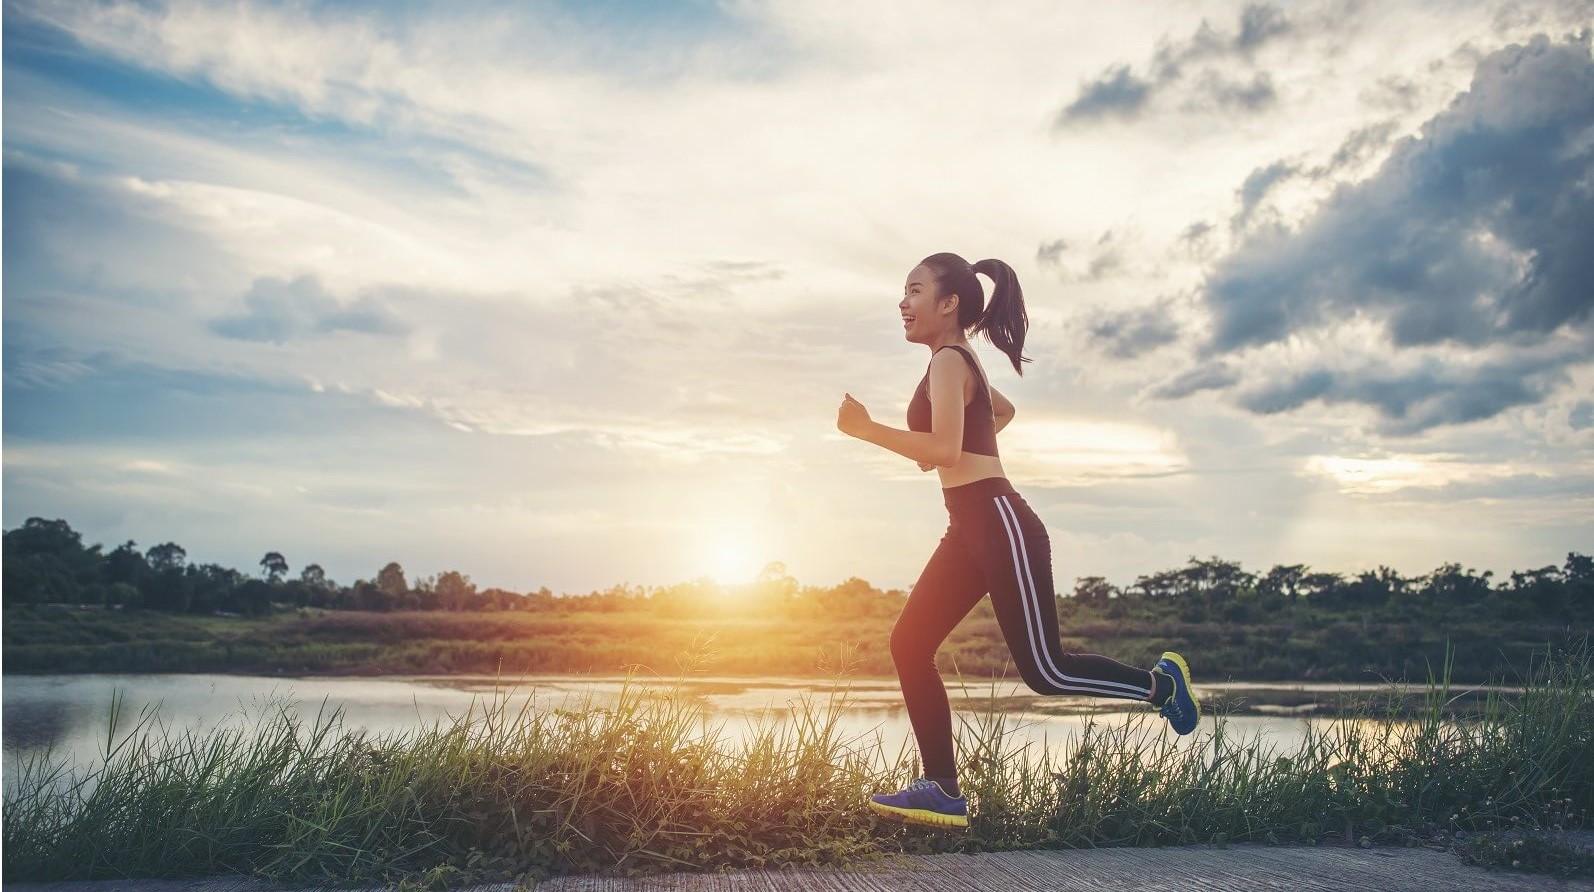 Tắm sau khi tập thể dục buổi sáng trước khi bắt đầu ngày mới